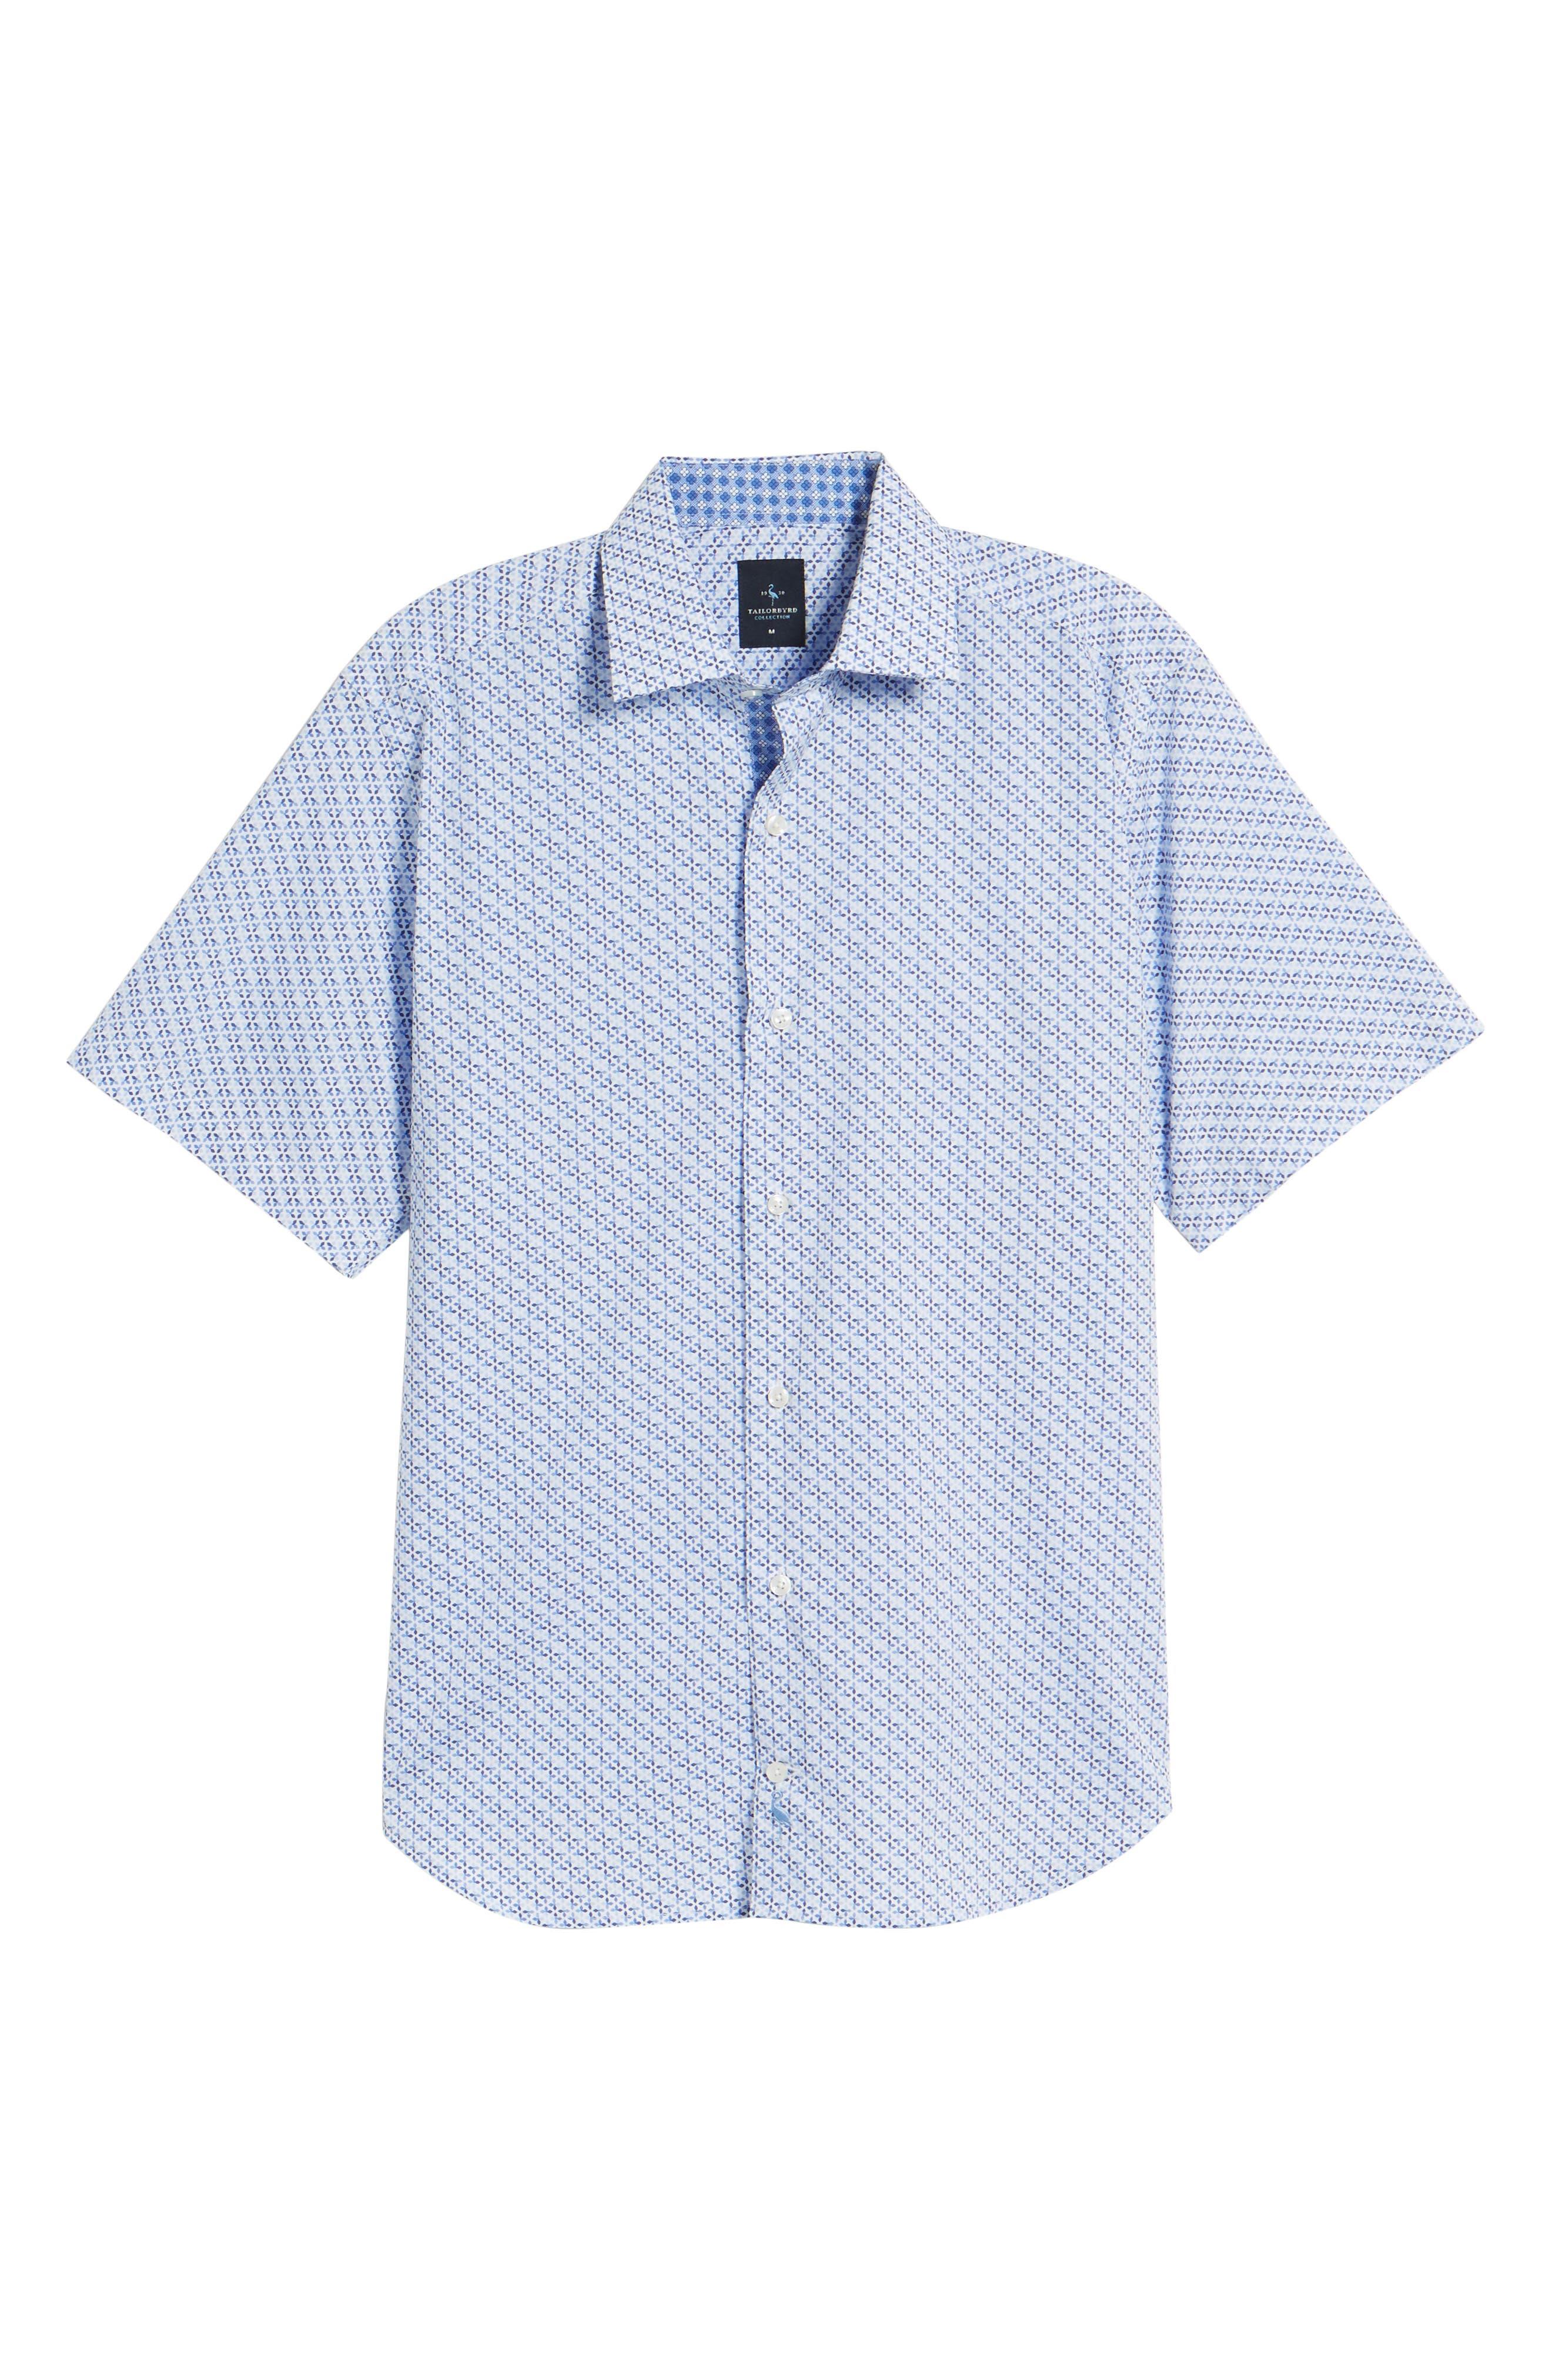 Shiloh Regular Fit Print Sport Shirt,                             Alternate thumbnail 6, color,                             Light Blue